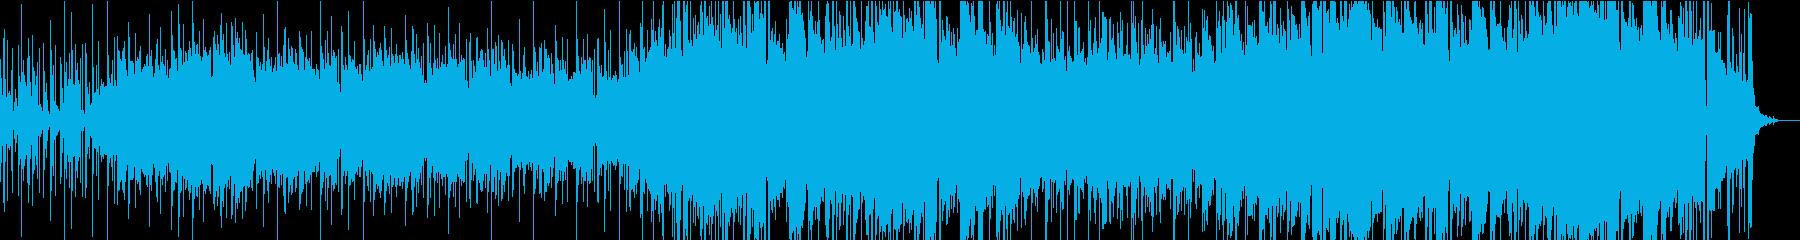 ファンタジックな世界観のエレクトロニカの再生済みの波形